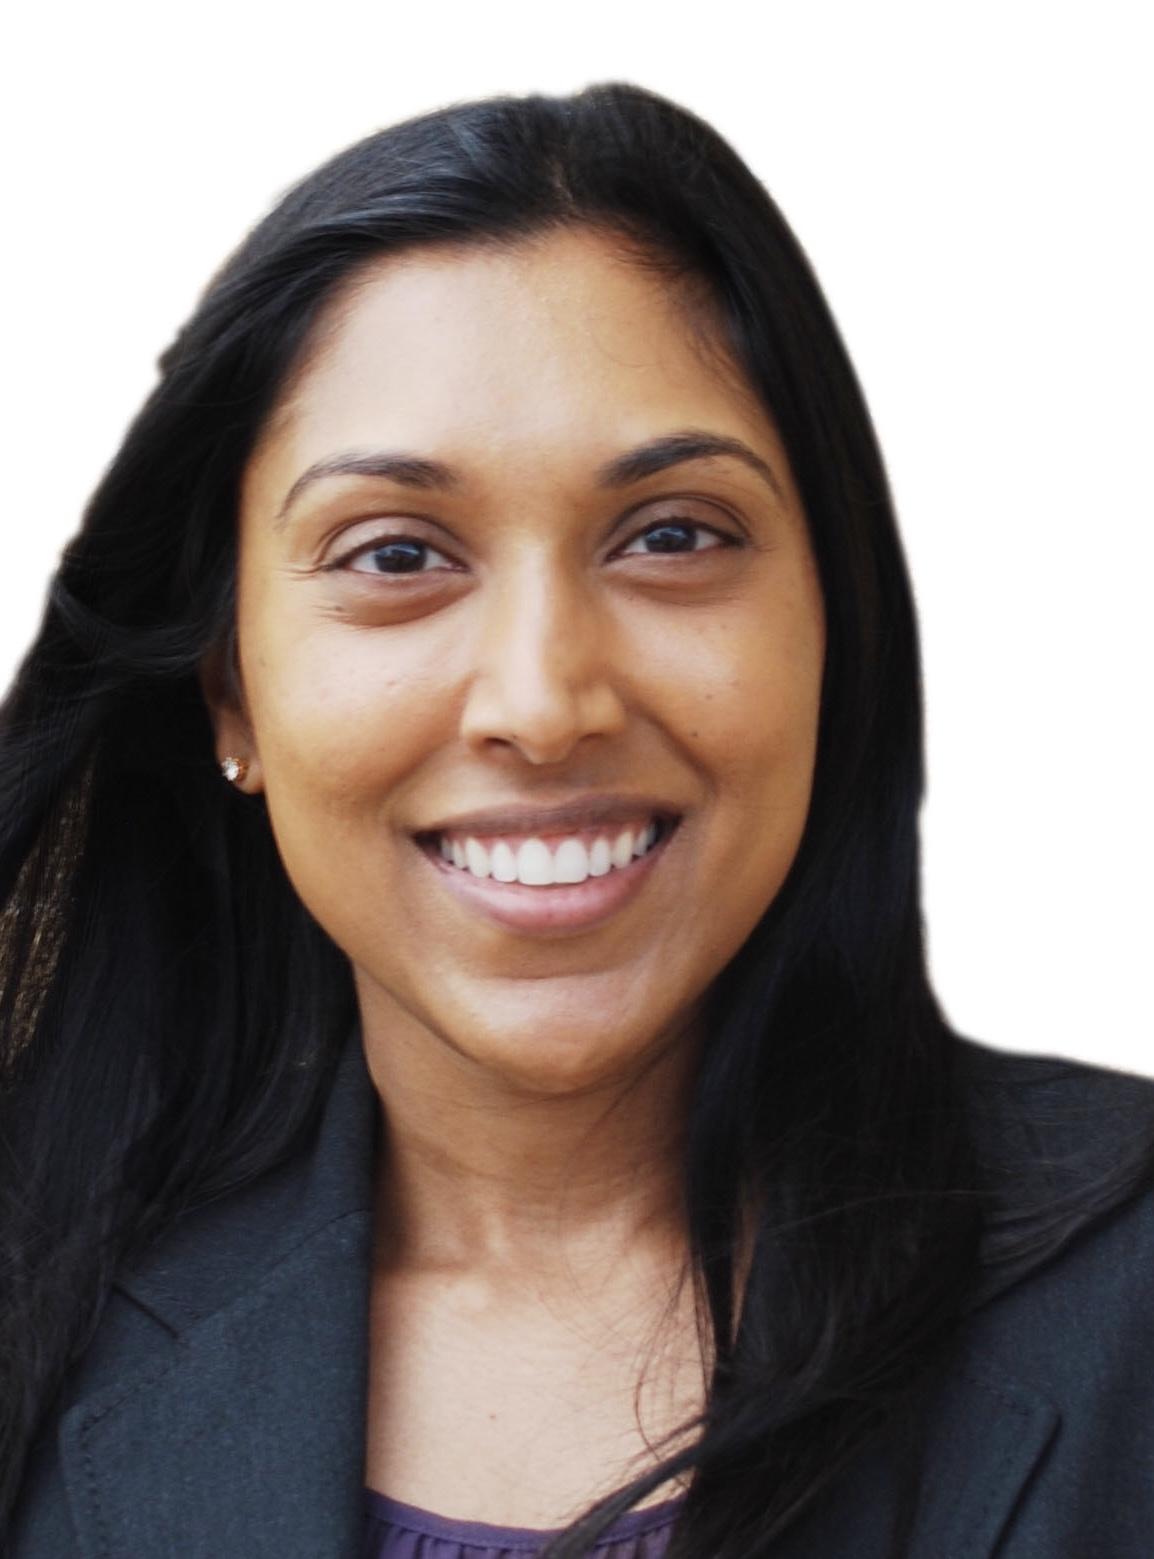 Aarathi Singh